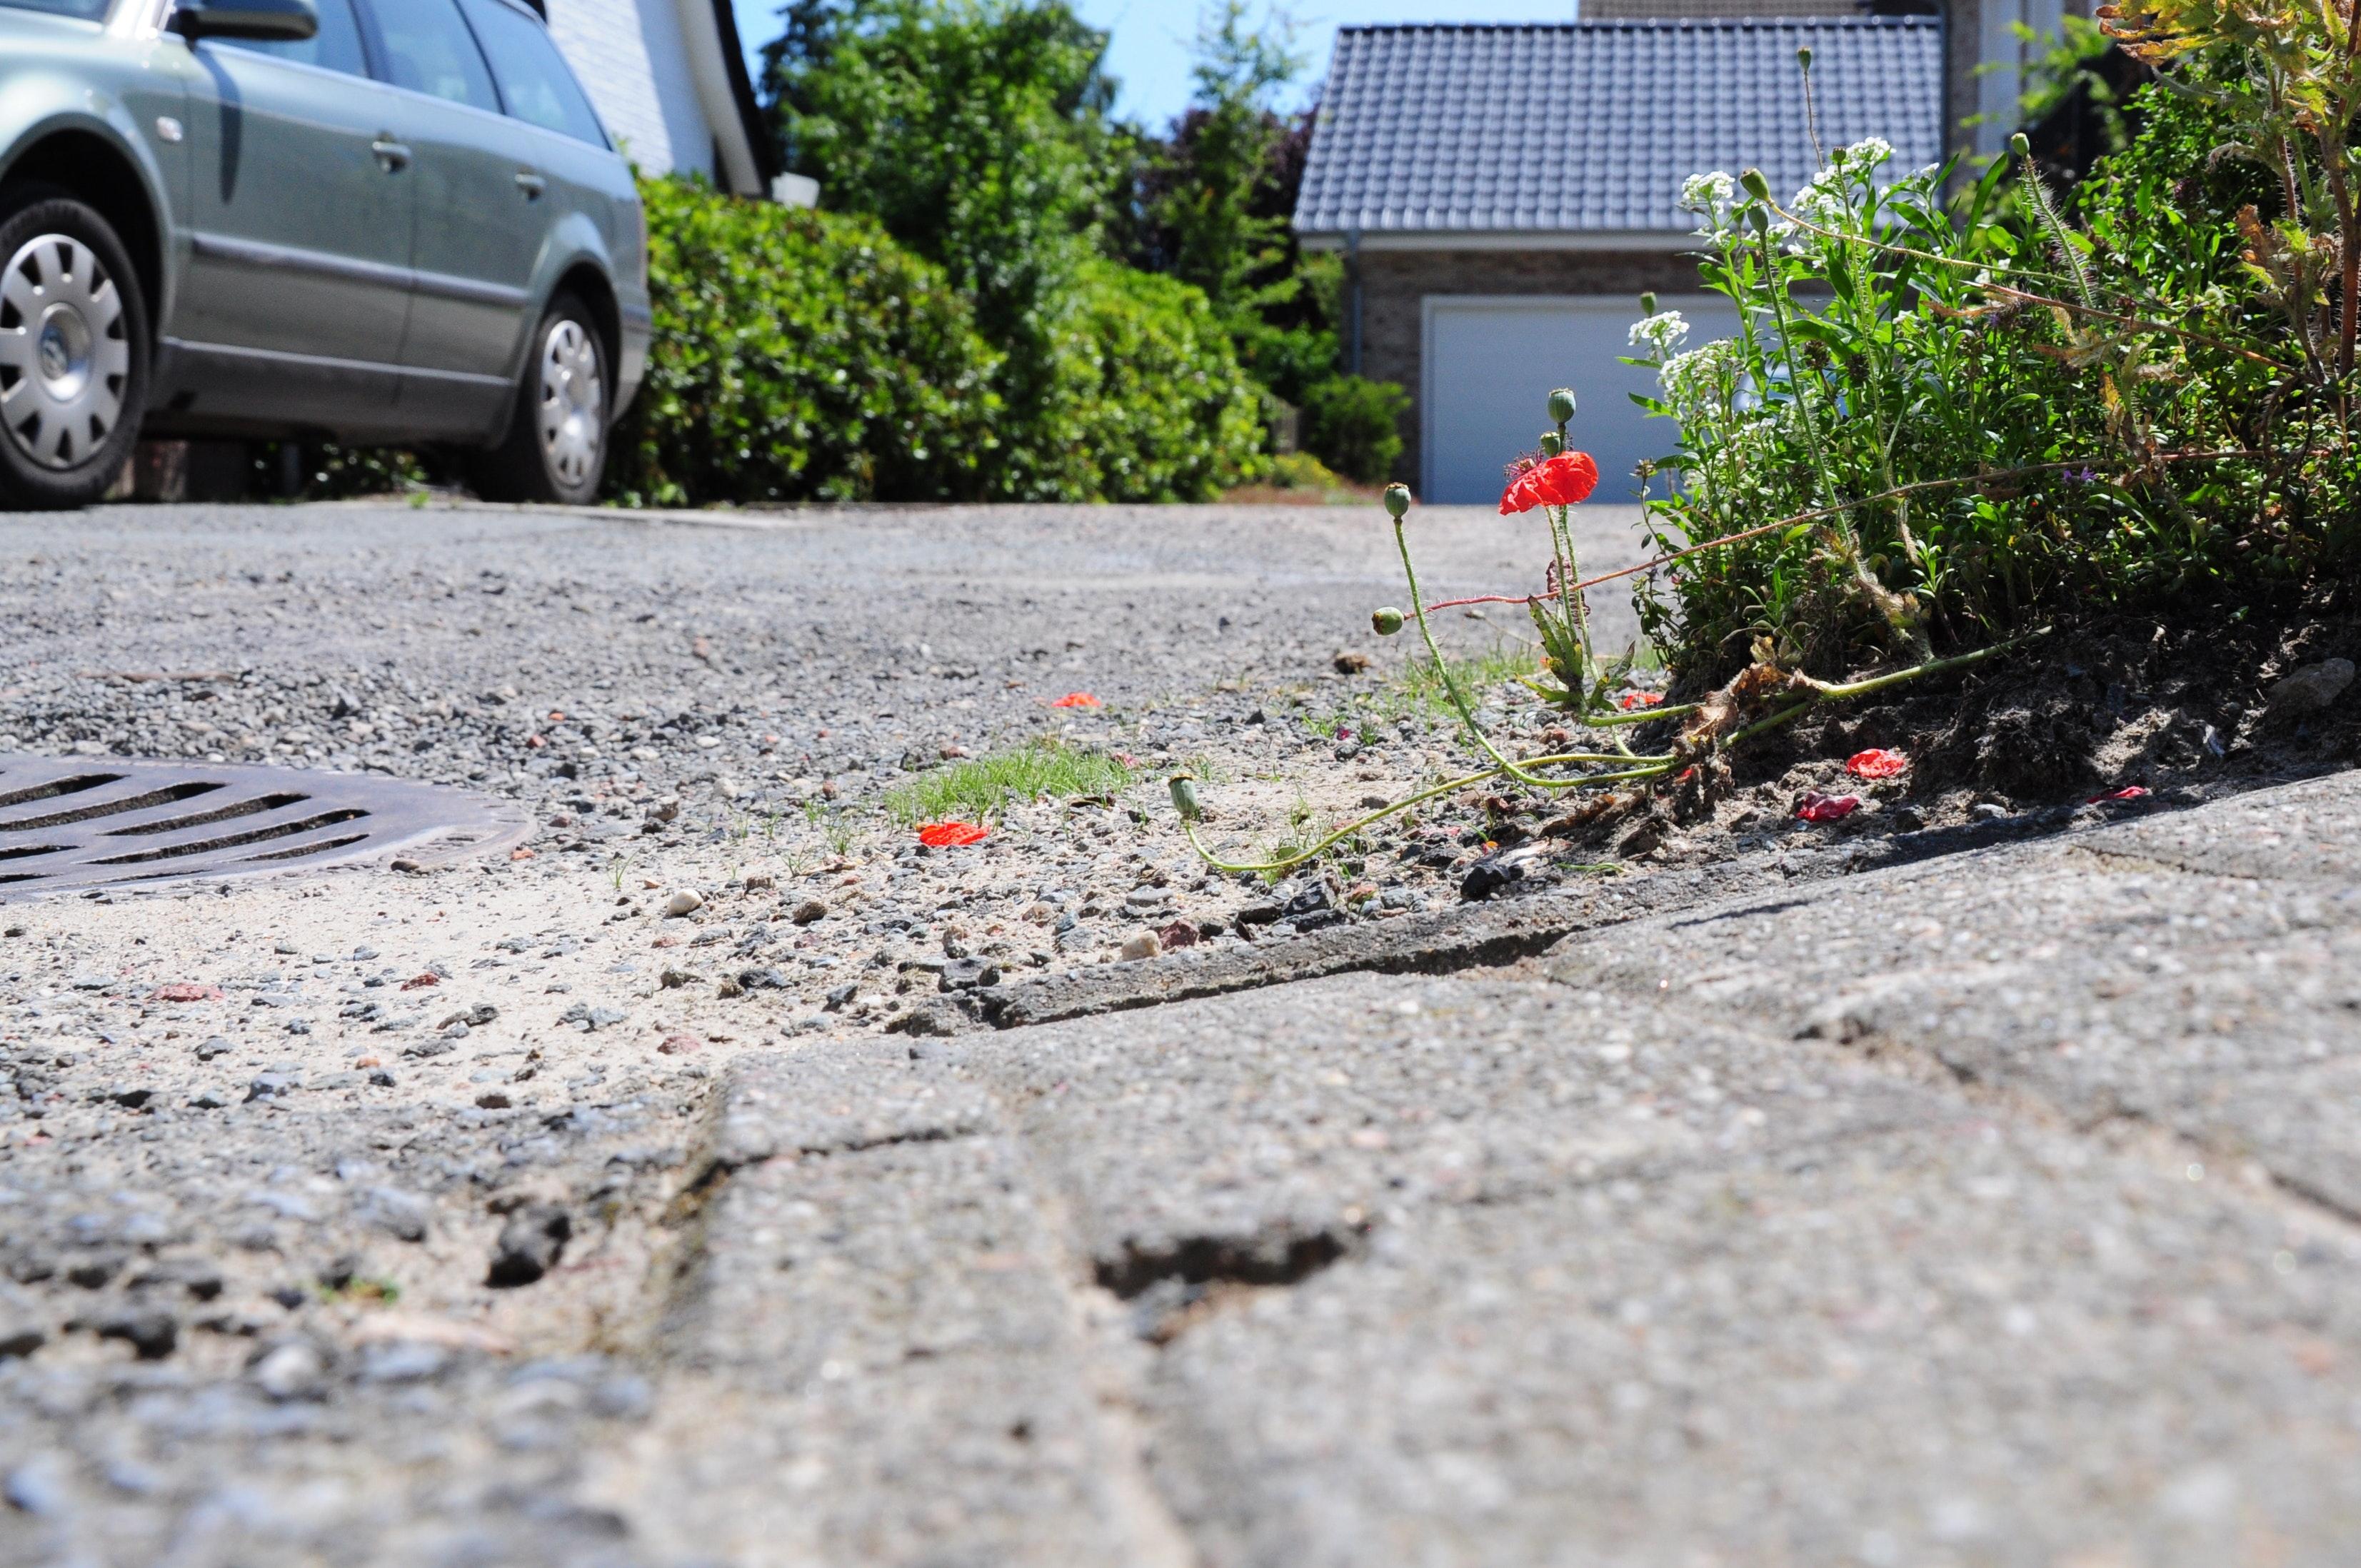 Schief und lose: Den winzigen Wendehammer wollen zwei Nachbarn lieber eigenhändig pflastern (lassen), weil ihnen die Kostenberechnung der Stadt viel zu hoch erscheint. Foto: Kreke